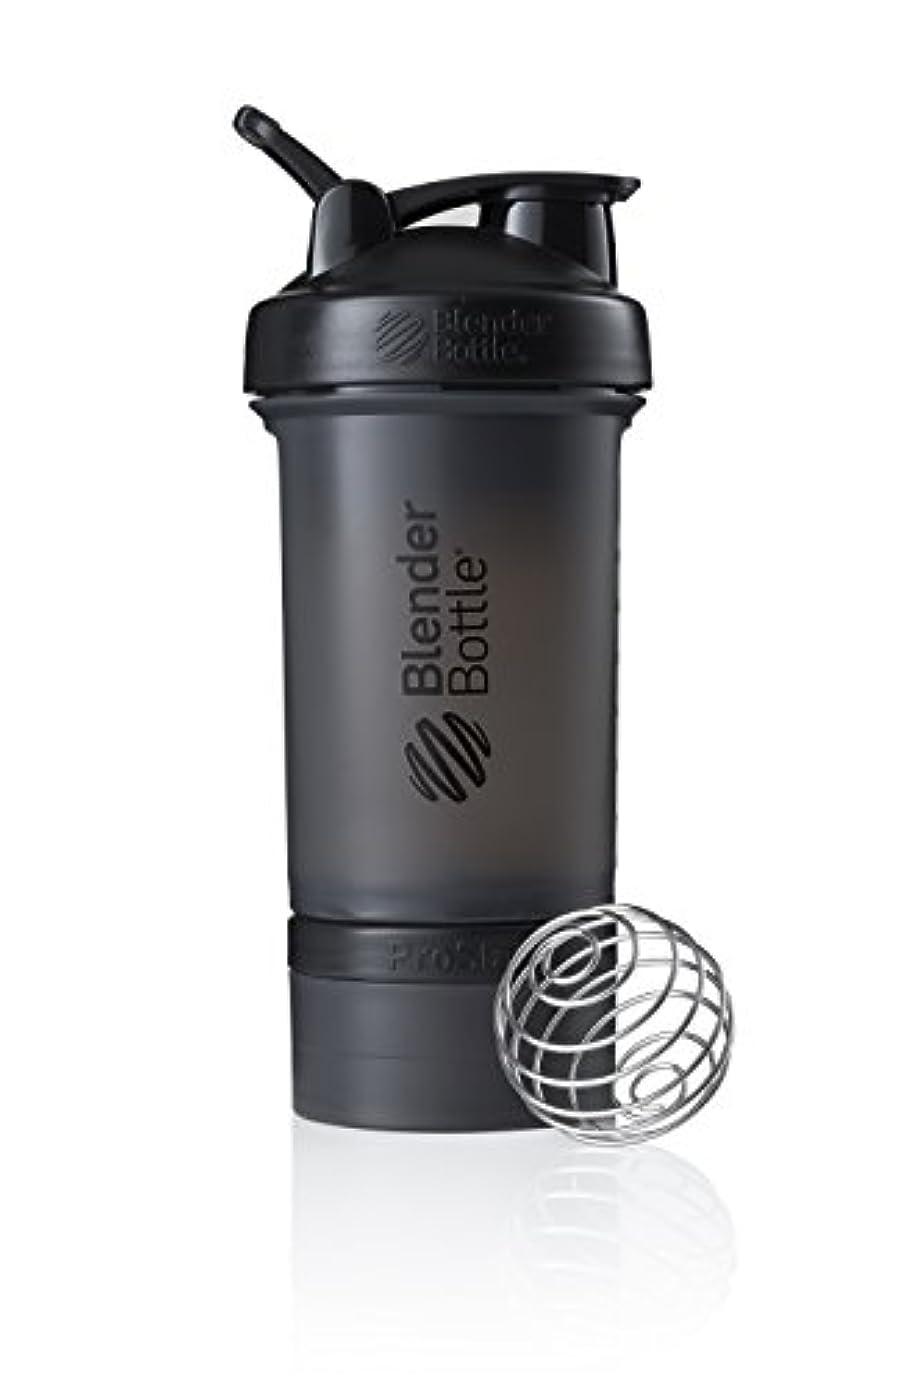 効率的落ちた王室ブレンダーボトル 【日本正規品】 ミキサー シェーカー ボトル Pro Stak 22オンス (650ml) ブラック BBPSE22 FCBK